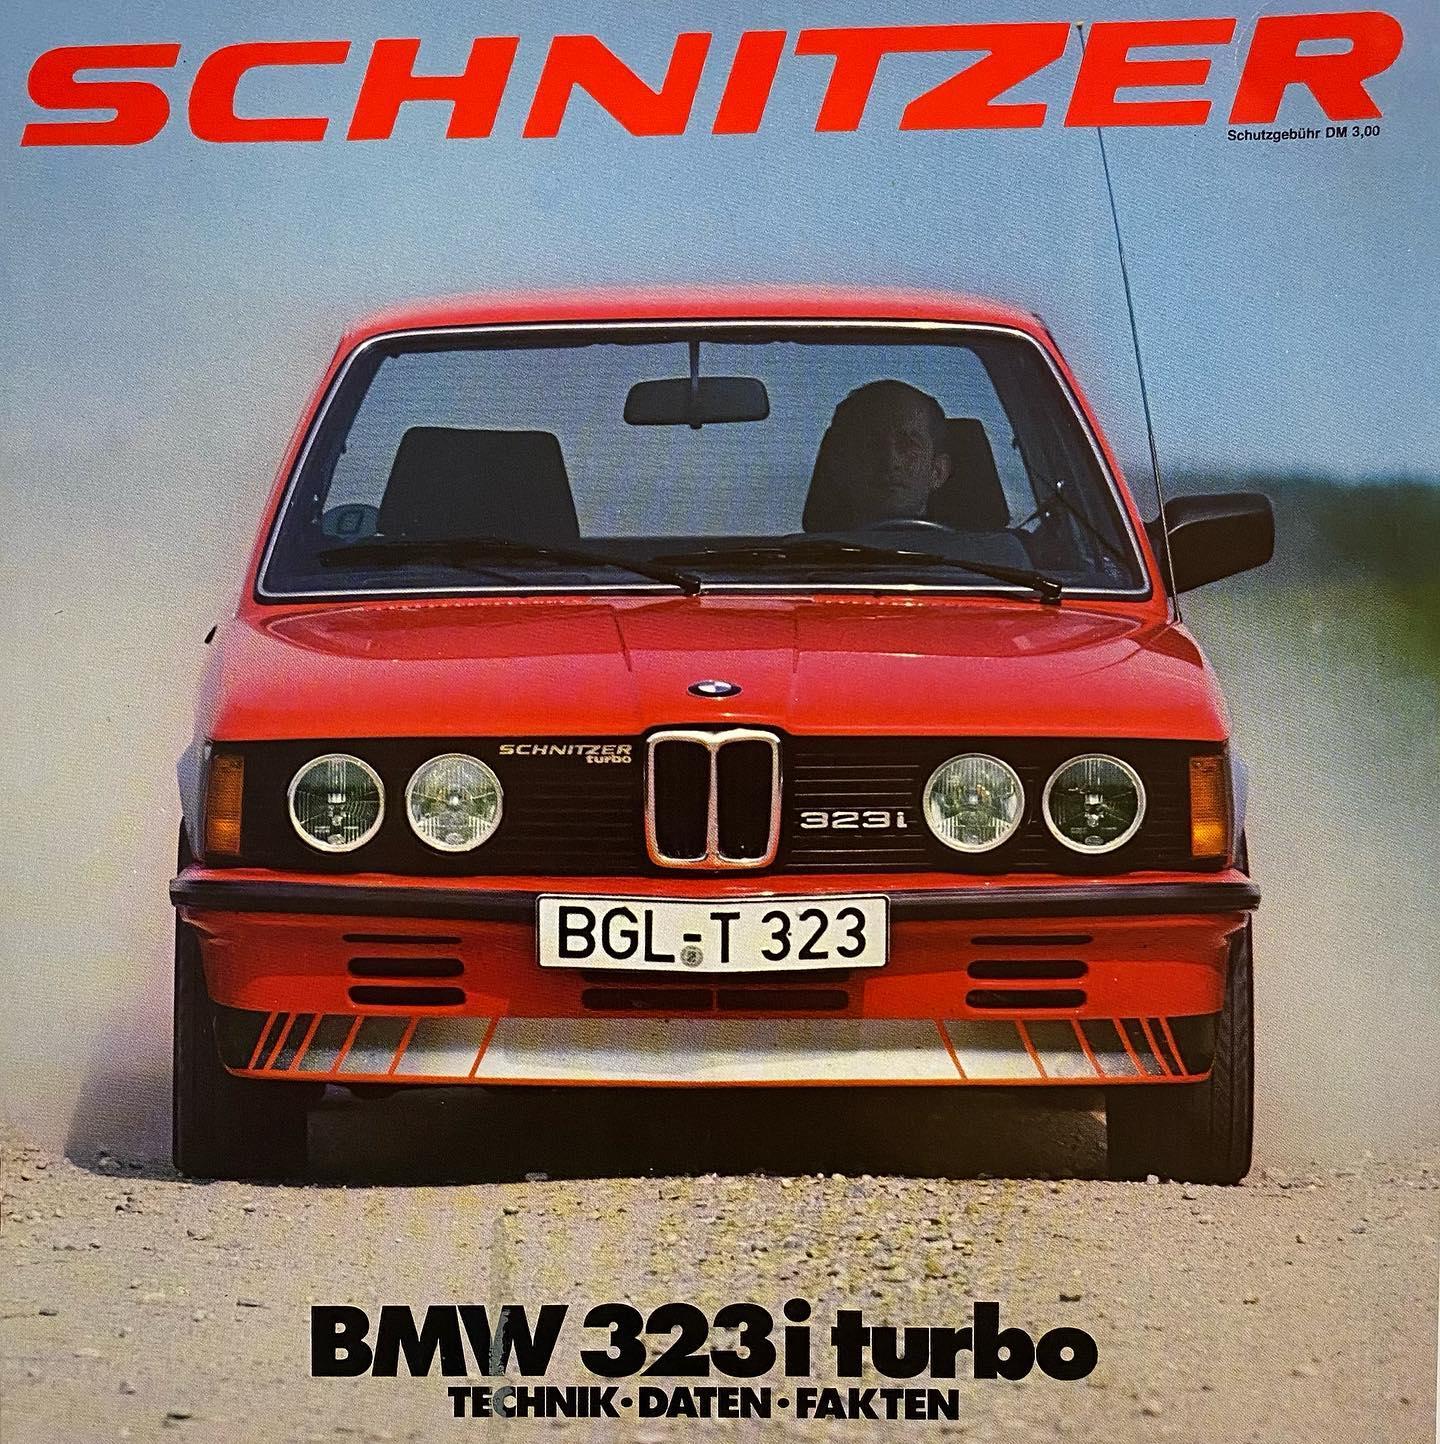 1981 E21 Schnitzer 323i Turbo